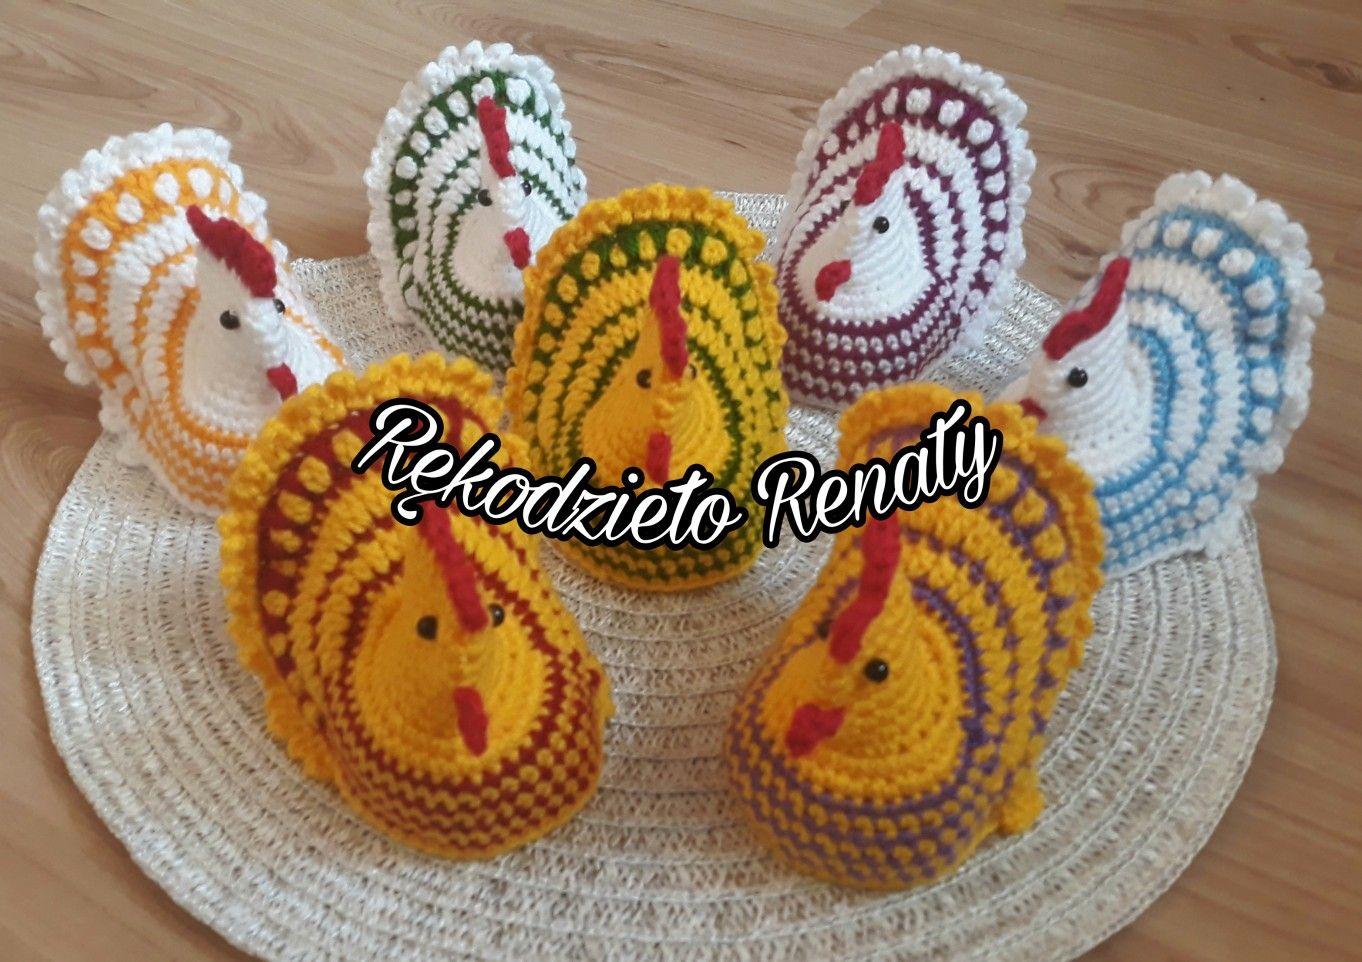 Pin By Rekodzielo Renaty On Moje Szydelkowanie Wielkanoc Crochet Earrings Crochet Earrings